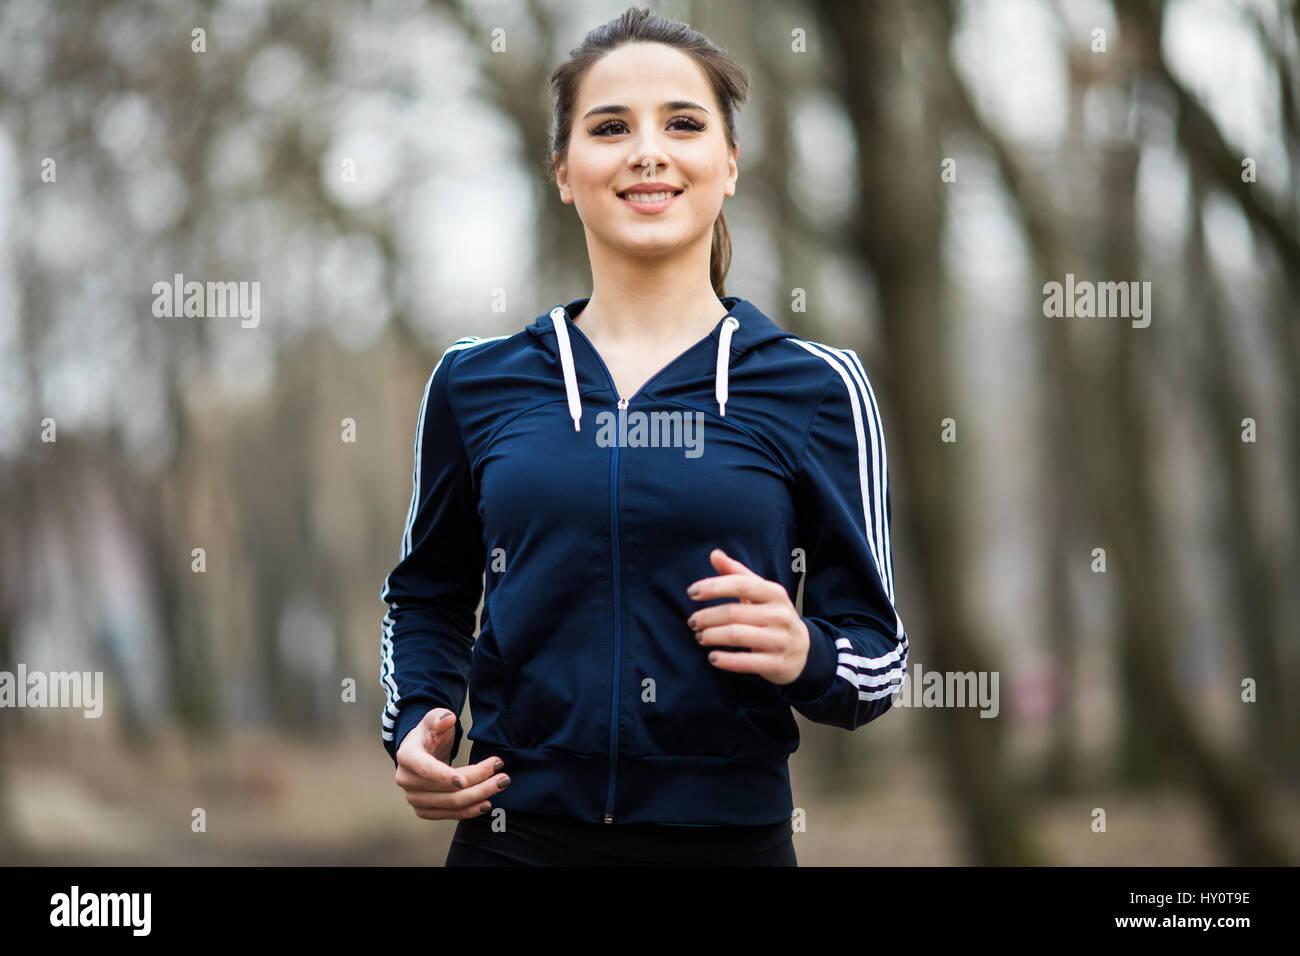 Junge Frau running und training in der herbstlichen Natur Stockbild